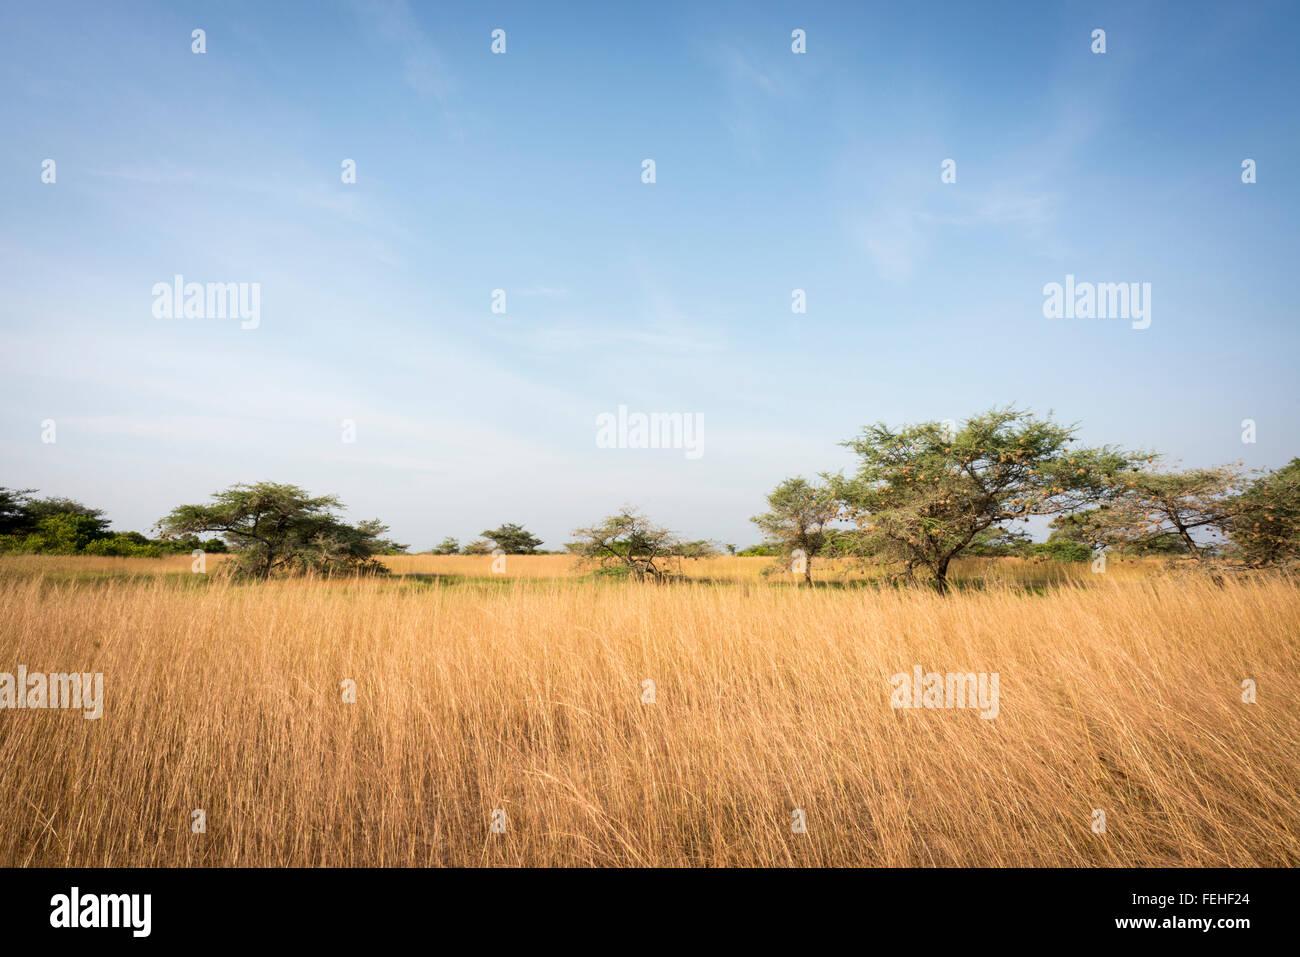 La savane à Orango dans l'archipel des Bijagos de Guinée Bissau Photo Stock